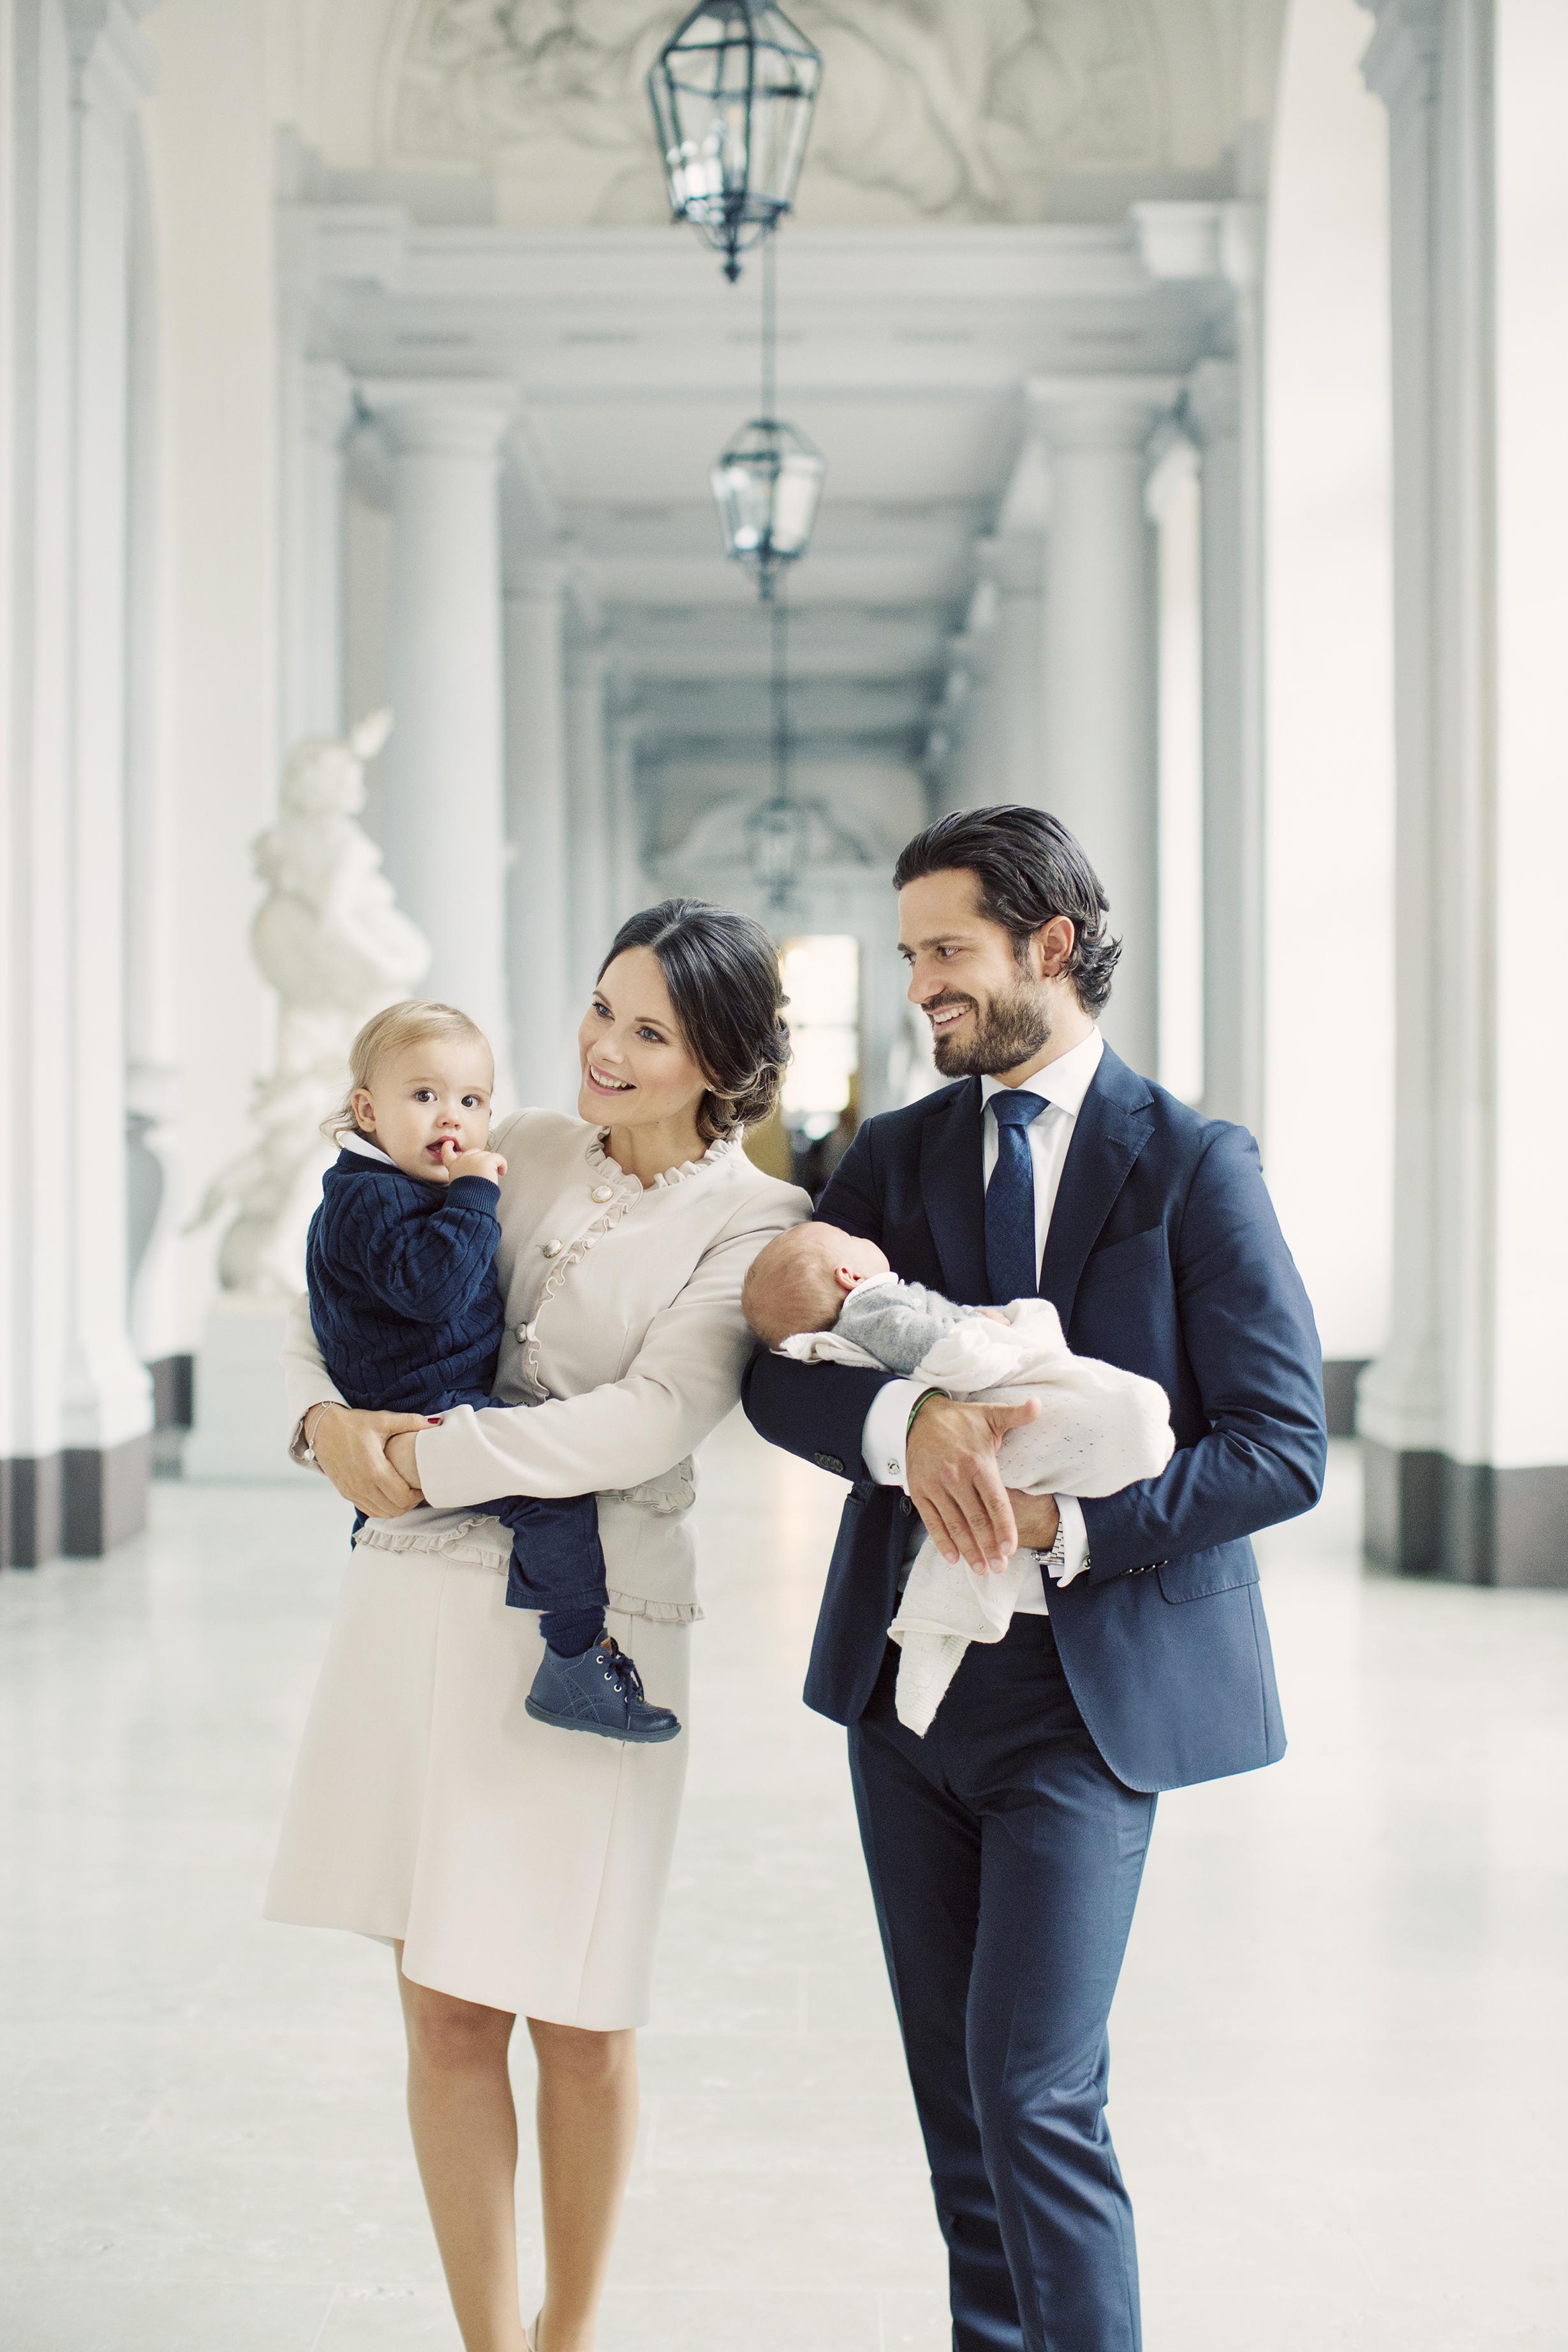 Prinzessin Sofia und Prinz Carl Philipmit den Söhnen Alexander und Gabriel   Foto: Erika Gerdemark, Kungahuset.se